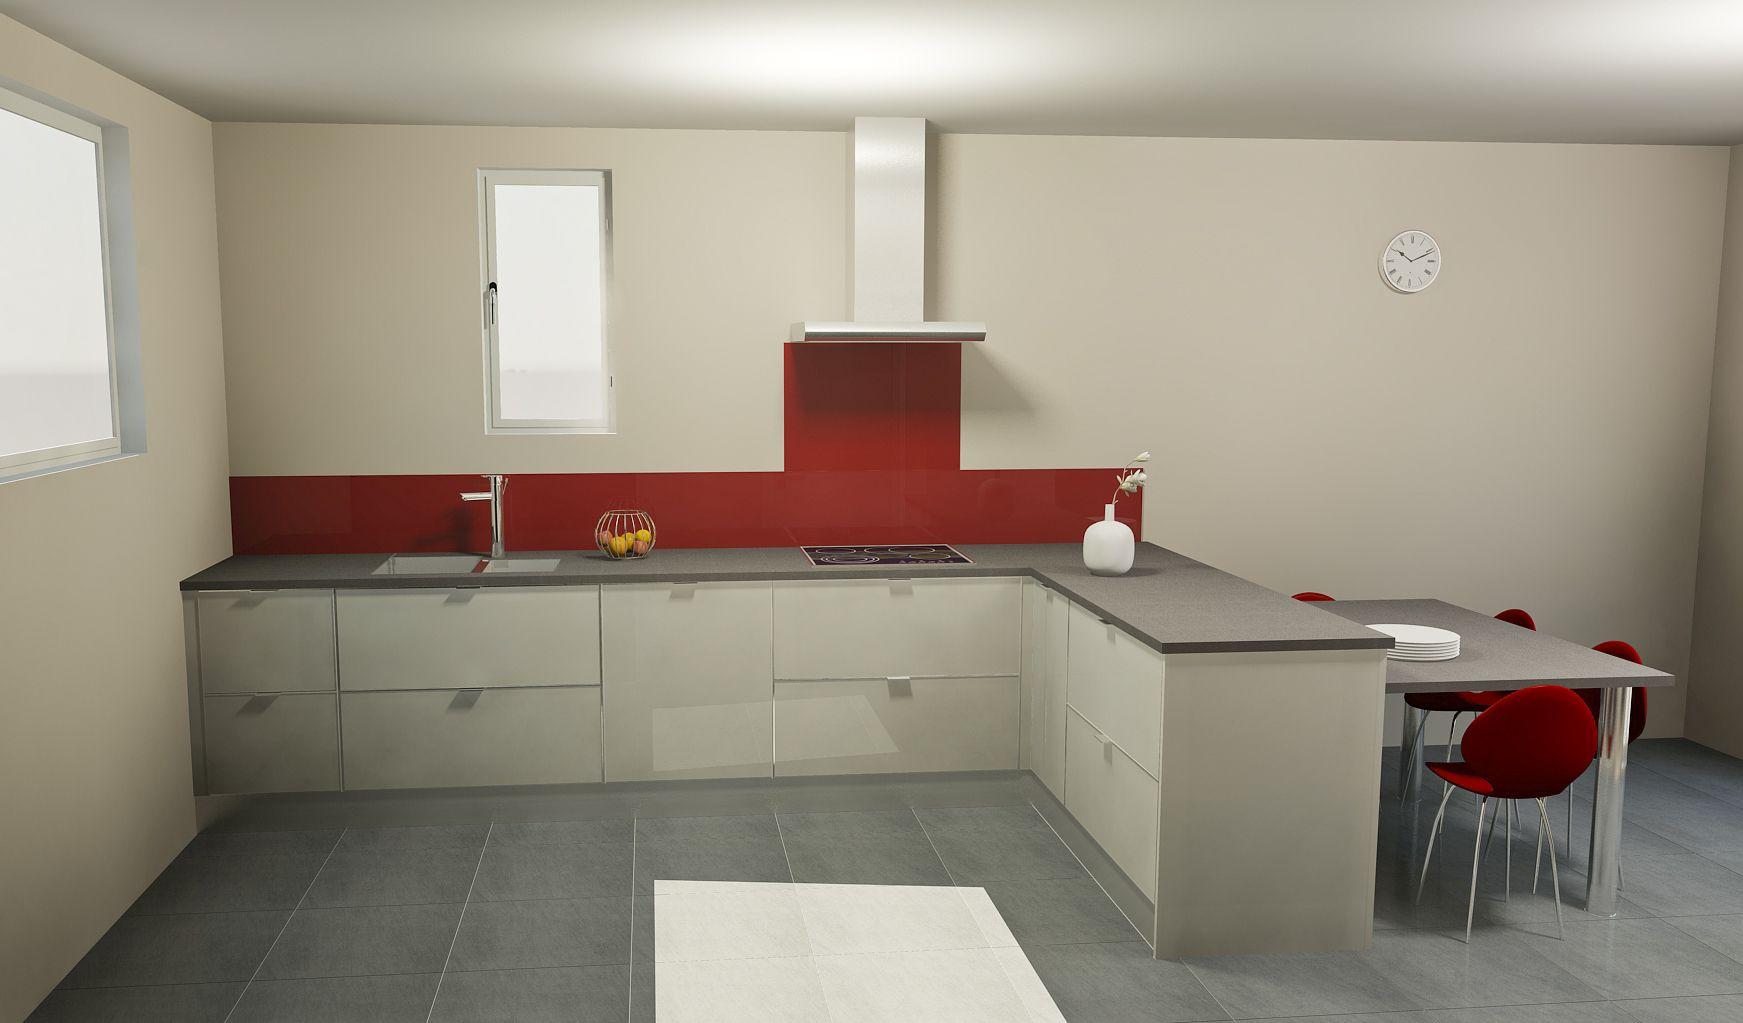 Conception d\'une cuisine, façade en verre laqué gris, plan de ...